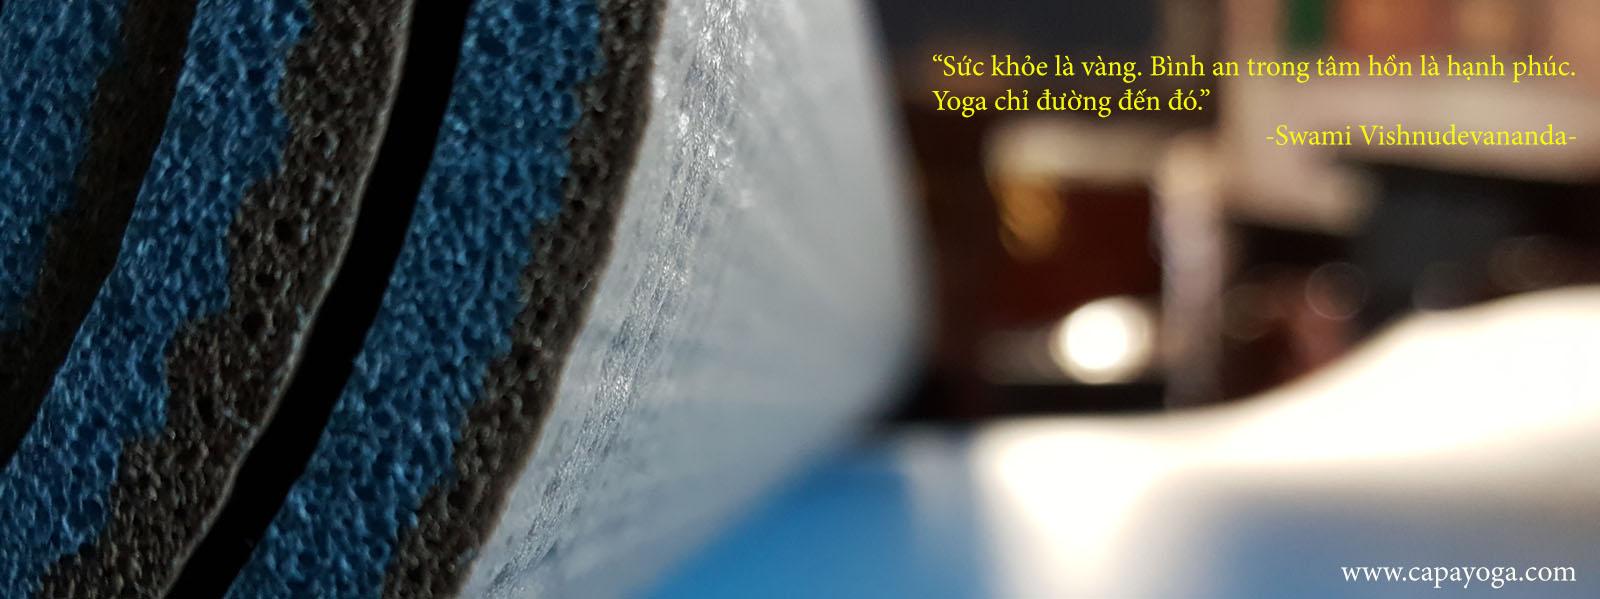 Yoga sẽ dẫn ta đến đâu?